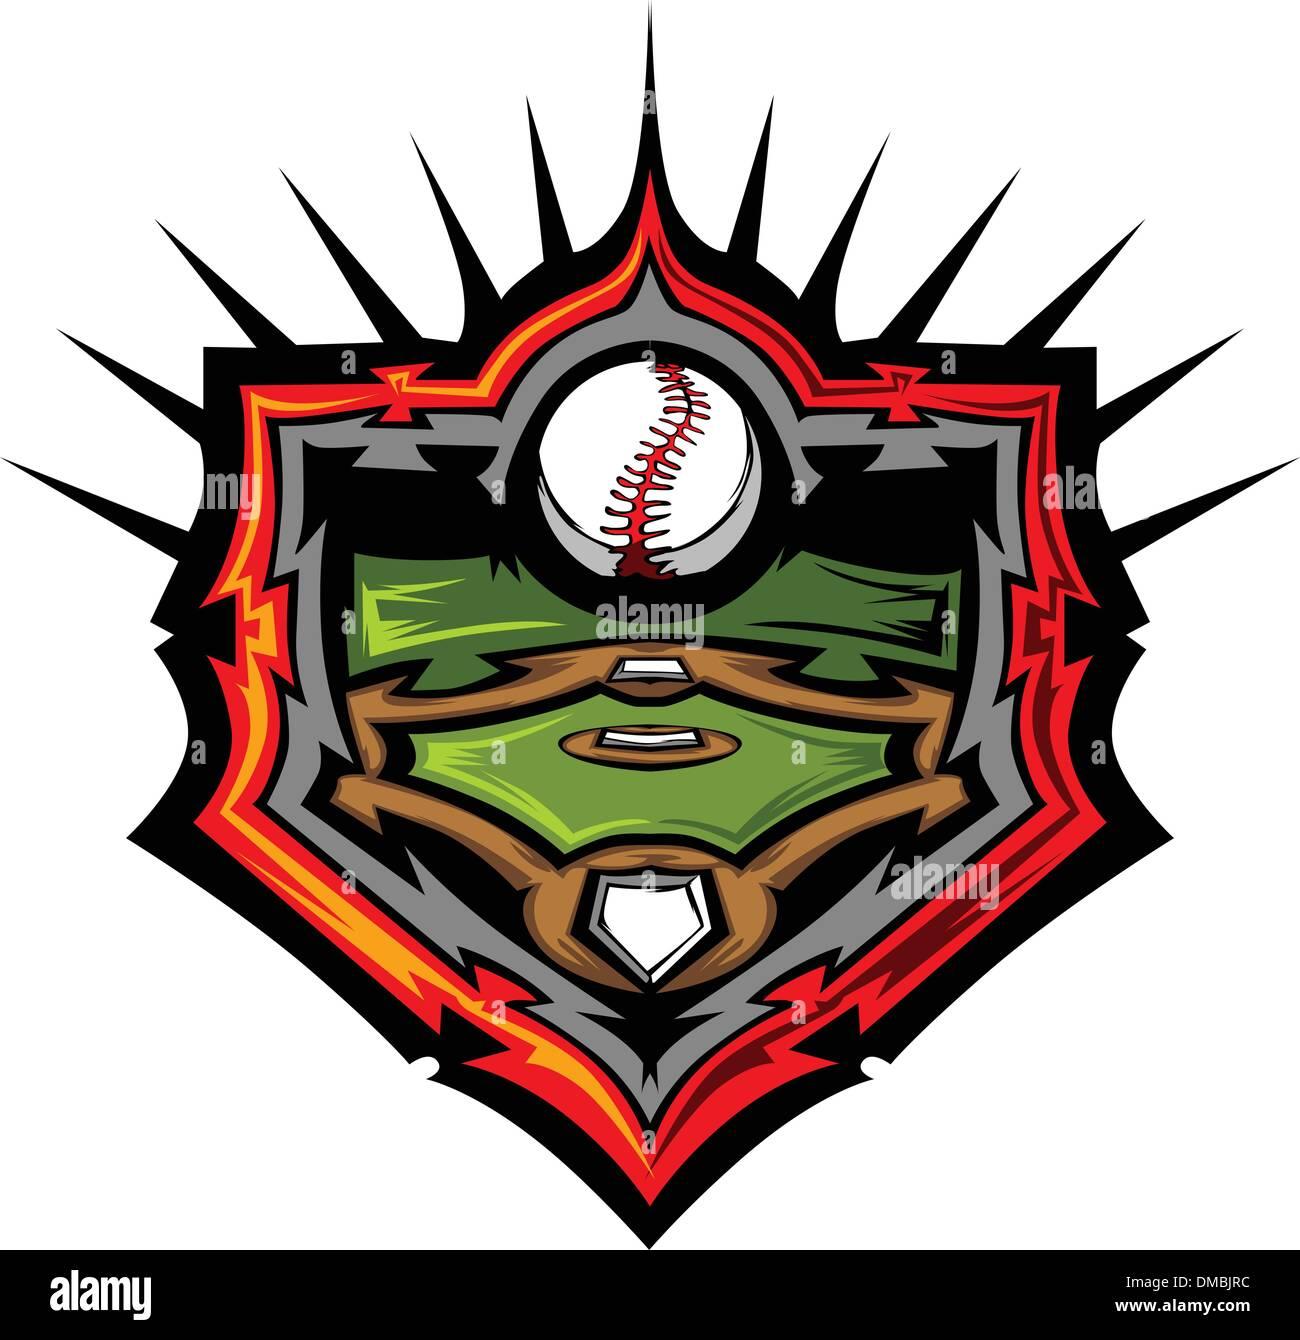 Wunderbar Baseball Zertifikat Vorlage Zeitgenössisch - Beispiel ...